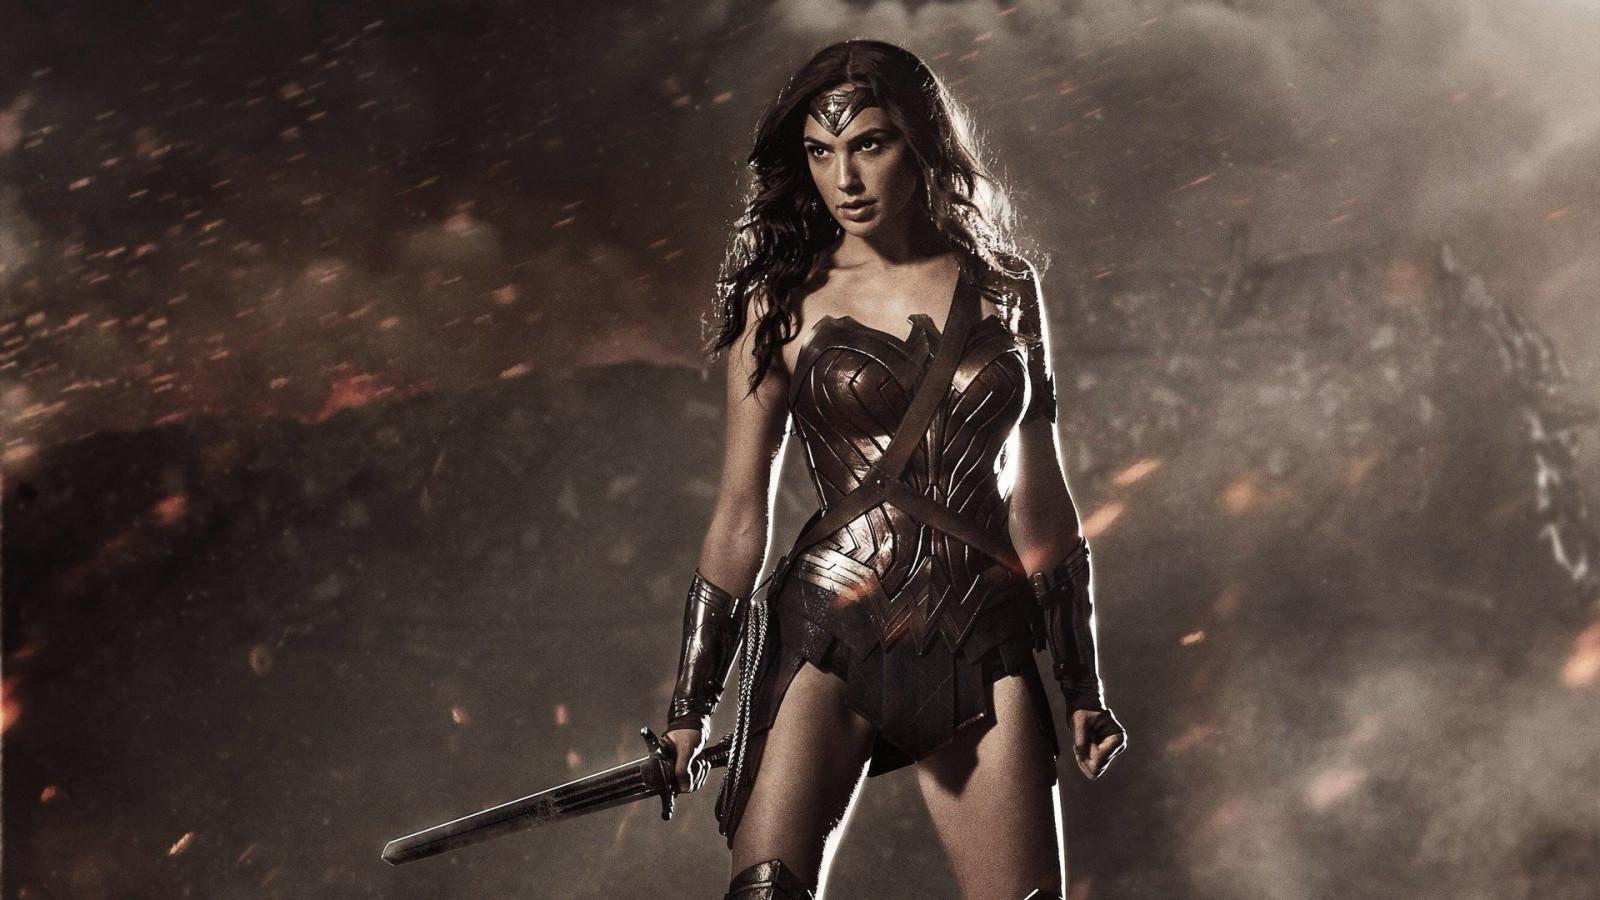 Gal Gadot Wonder Woman Hd Wallpapers: Wallpaper : 1920x1080 Px, Gal Gadot, Wonder Woman